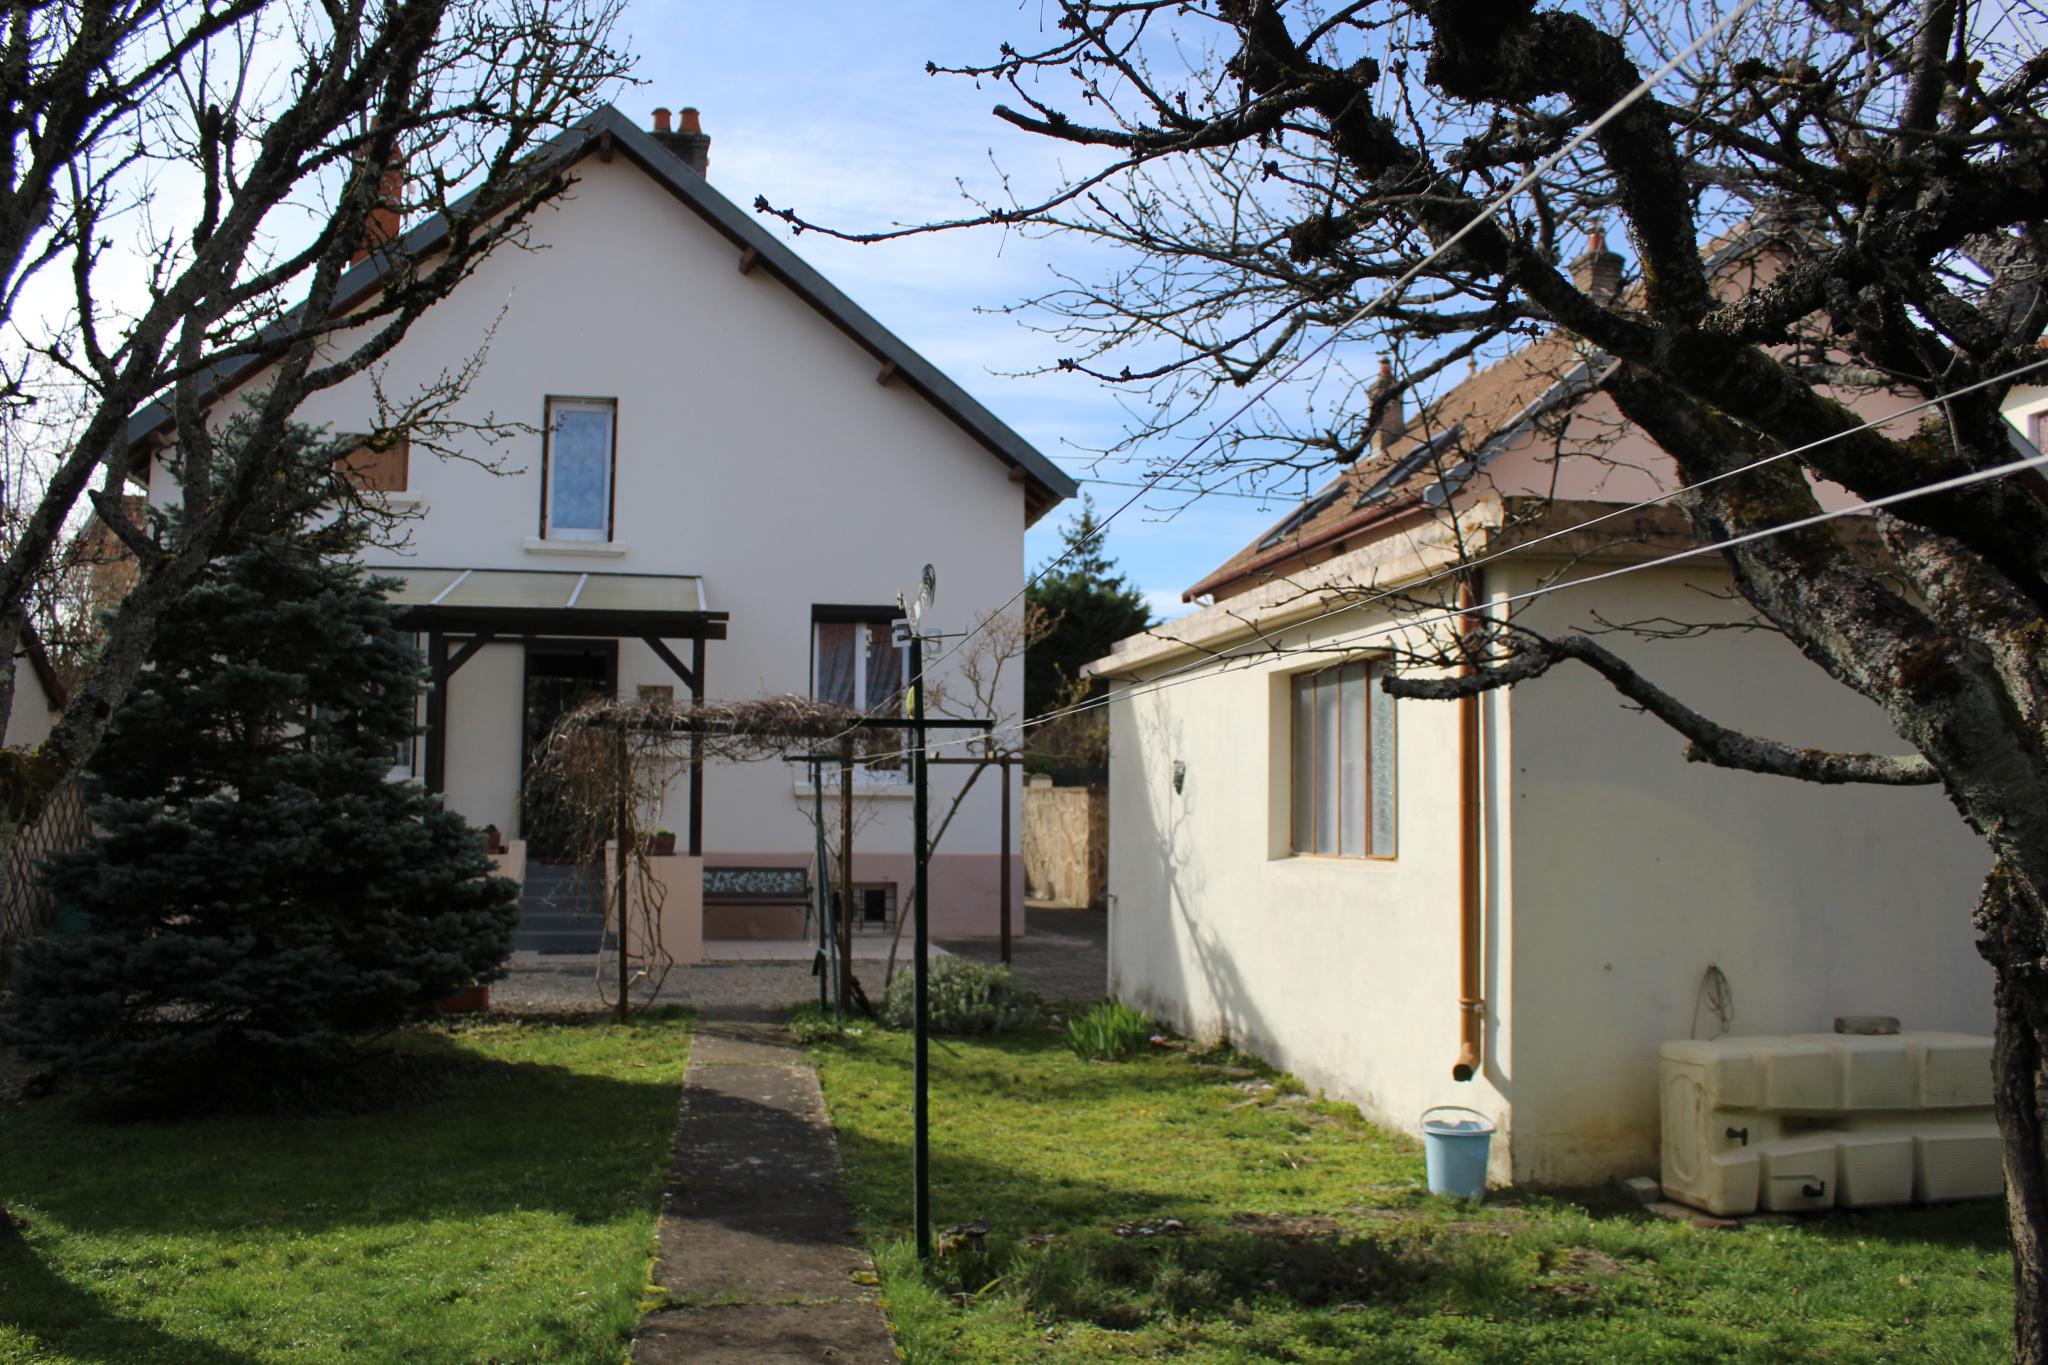 Vente maison/villa dijon d�sservi par le r�seau DIVIA